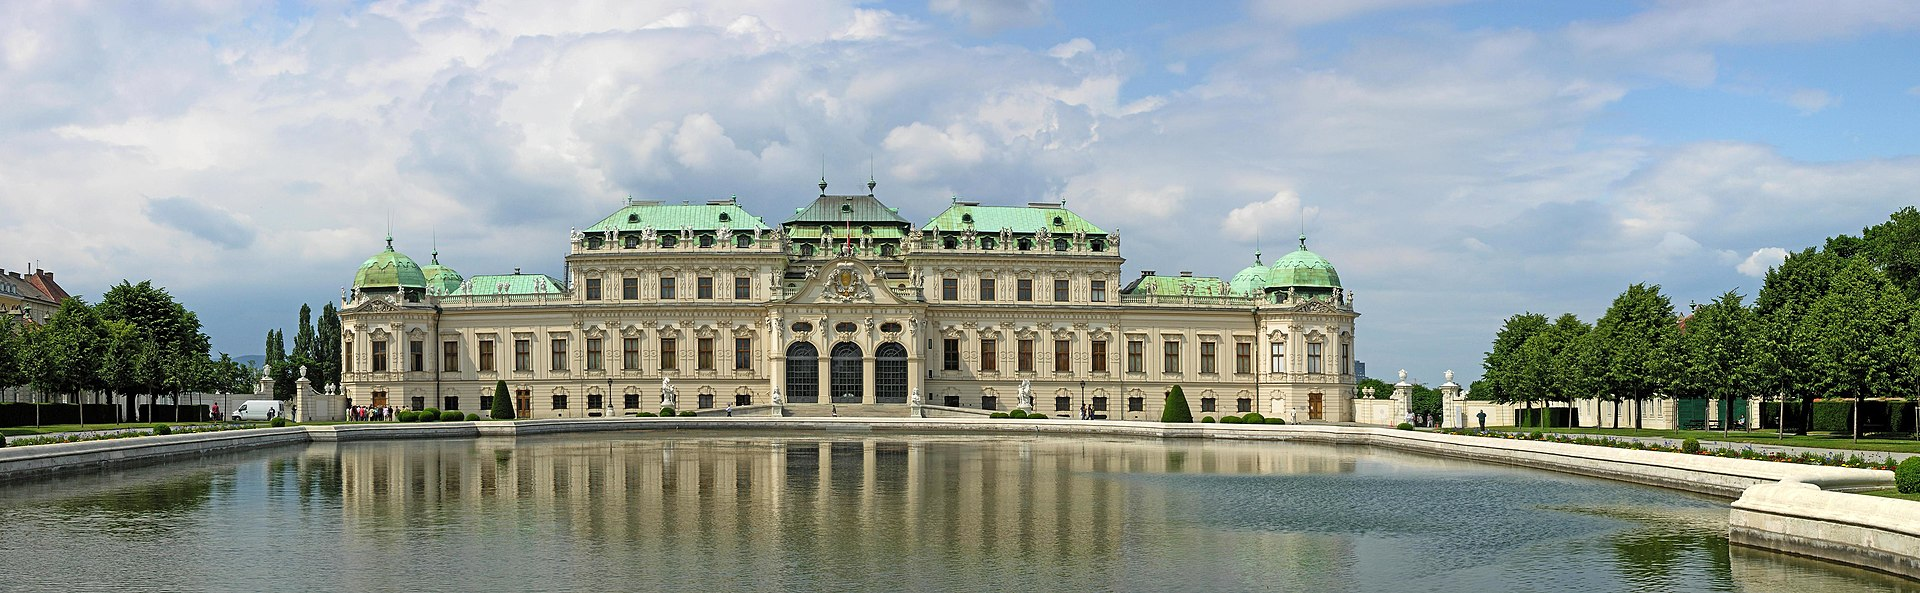 1920px-Wien_schloss_belvedere_panorama.jpg